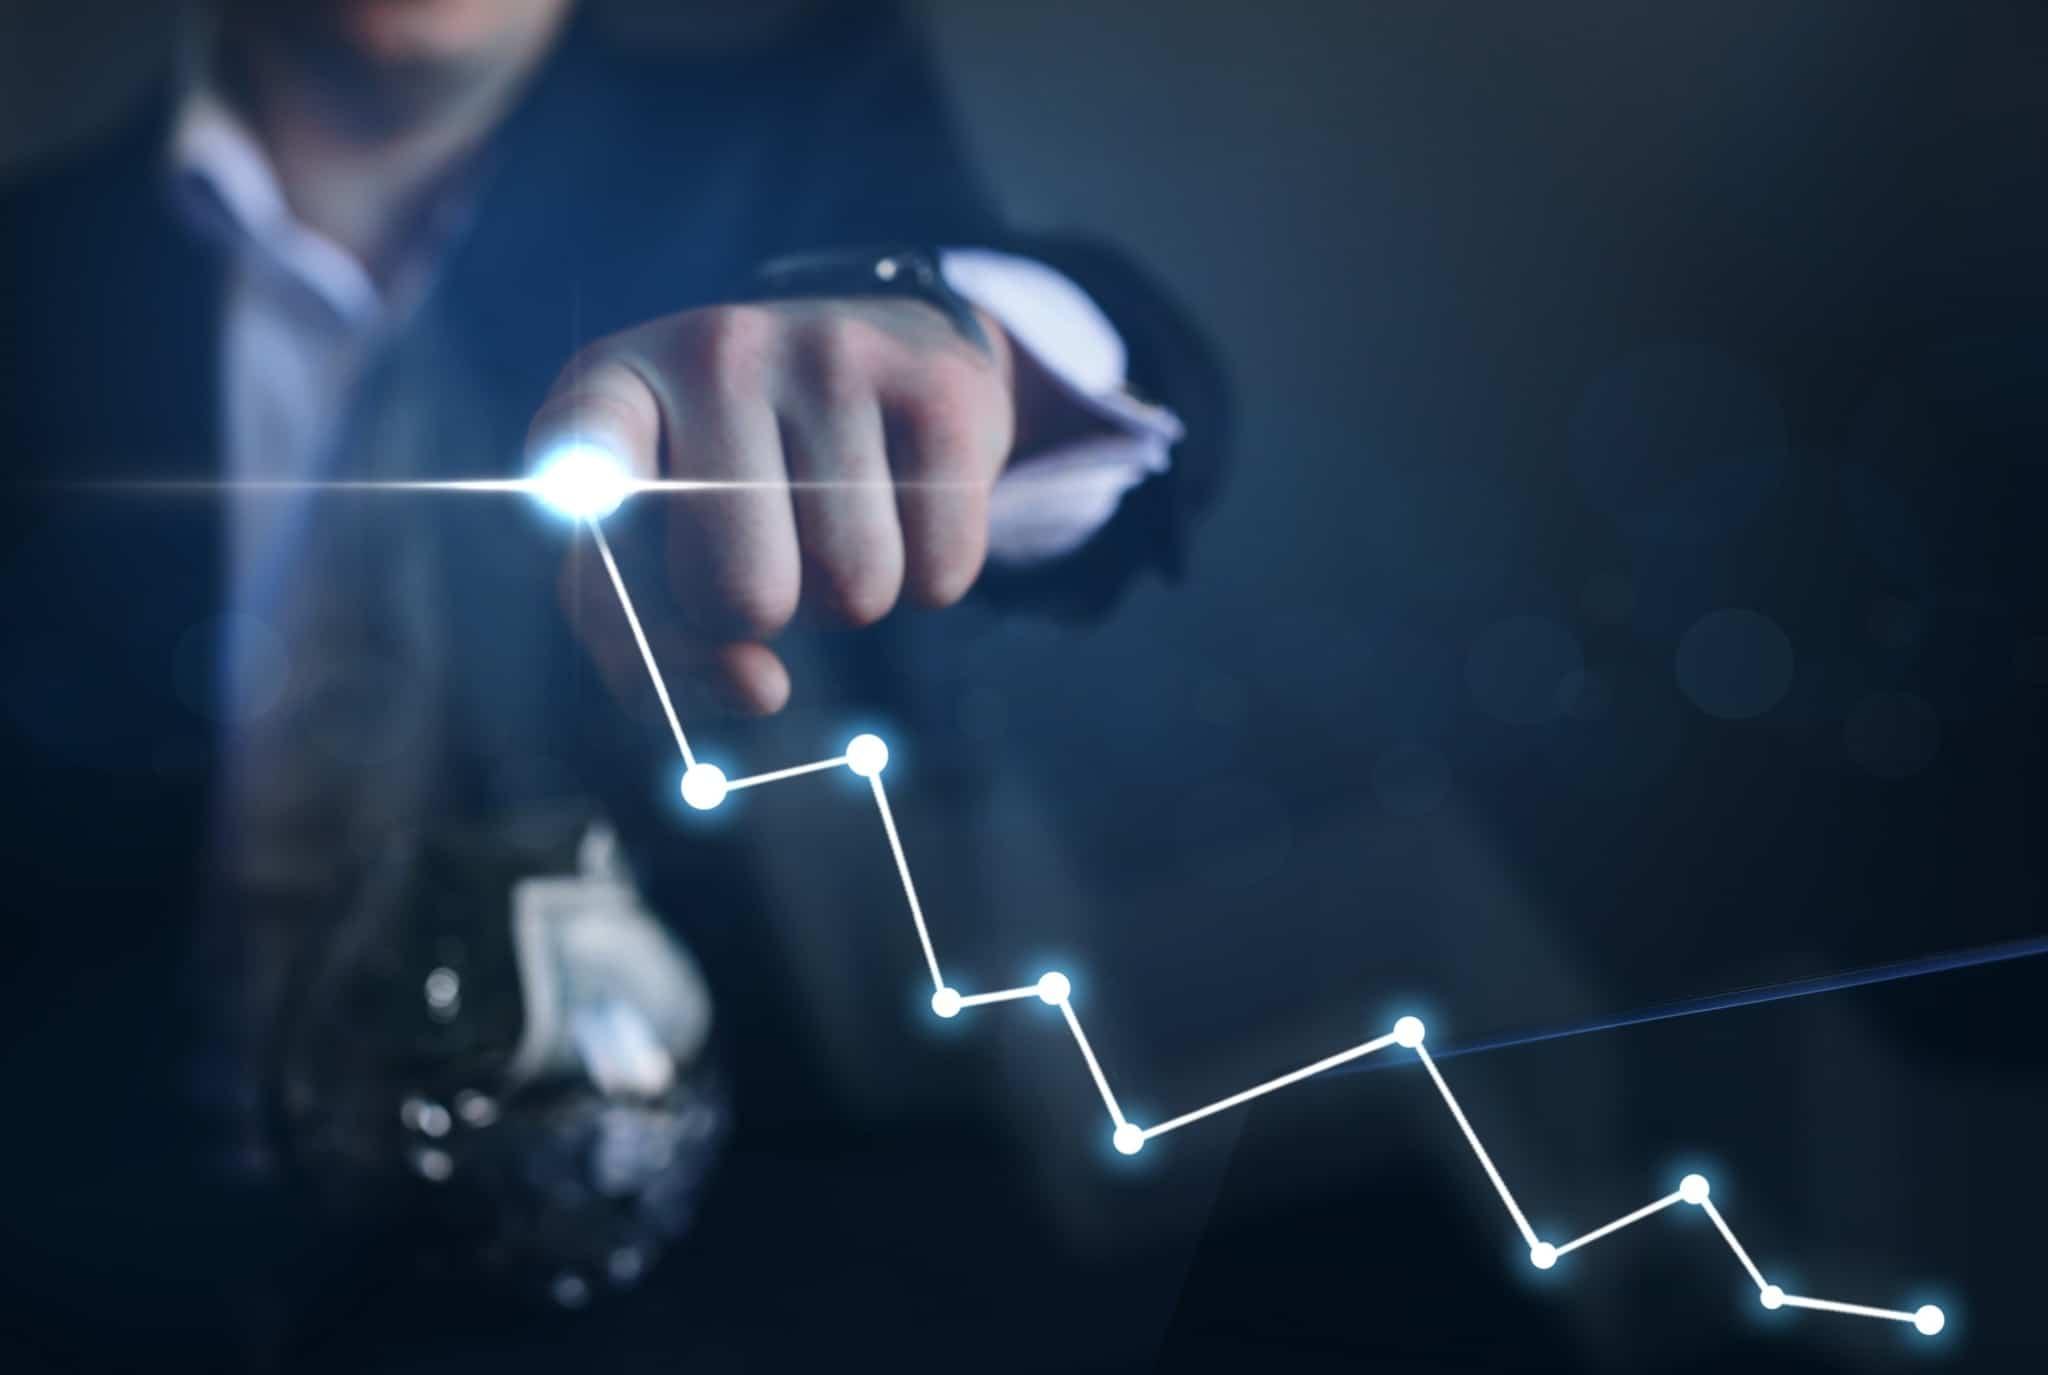 Mão de homem desenha um gráfico, mostrando o desempenho de um investimento